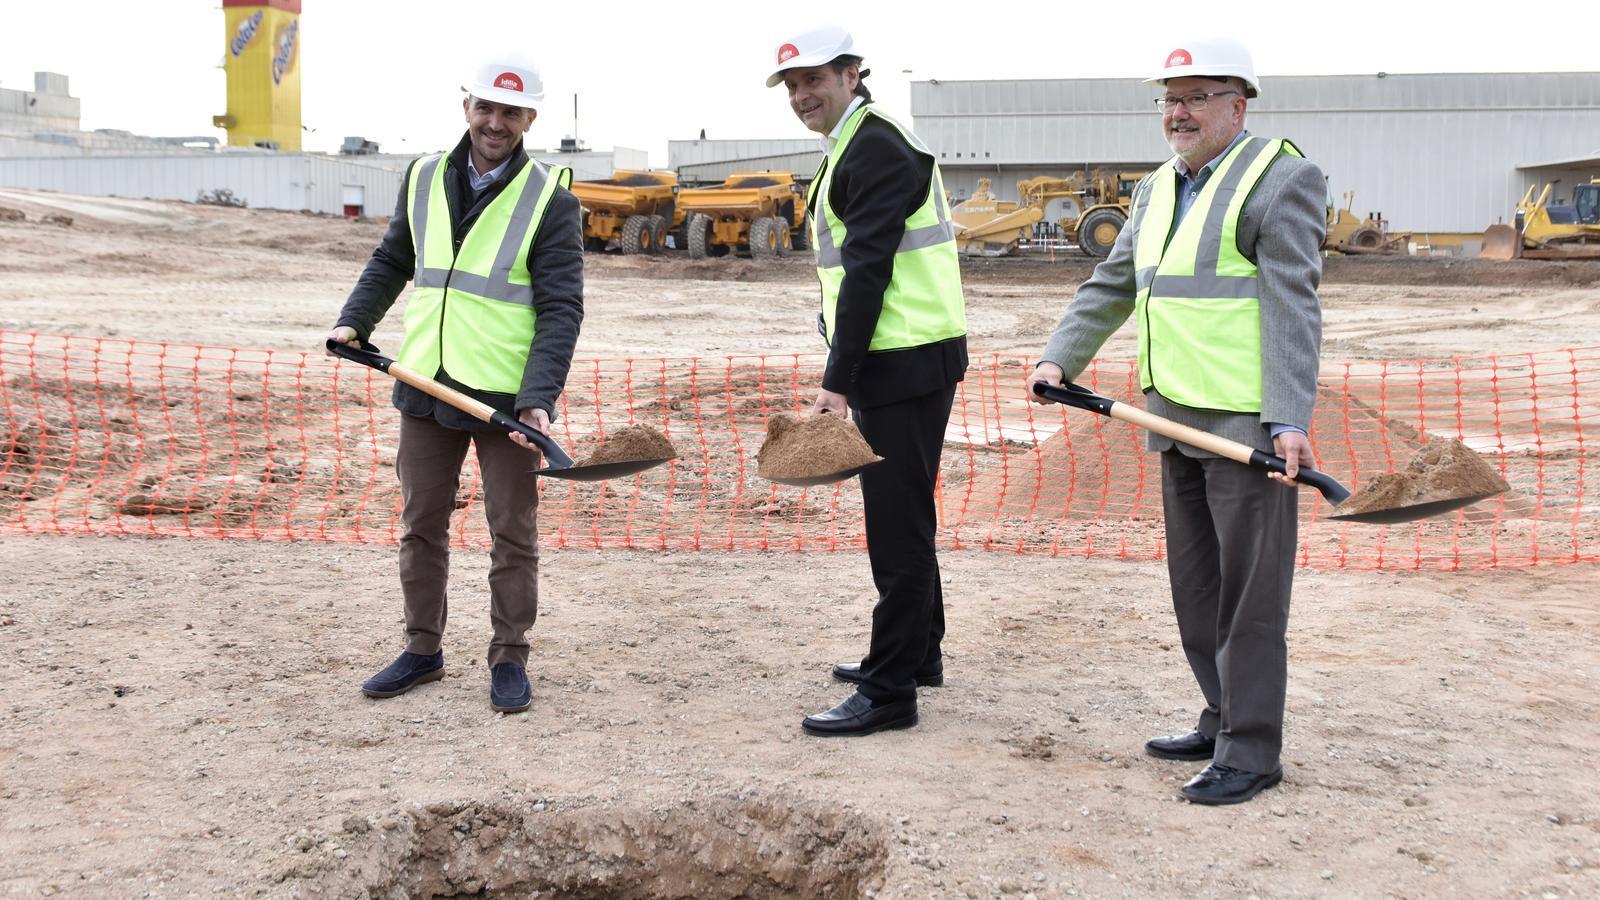 El fabricant de Cola Cao construirà una nova planta a Parets del Vallès